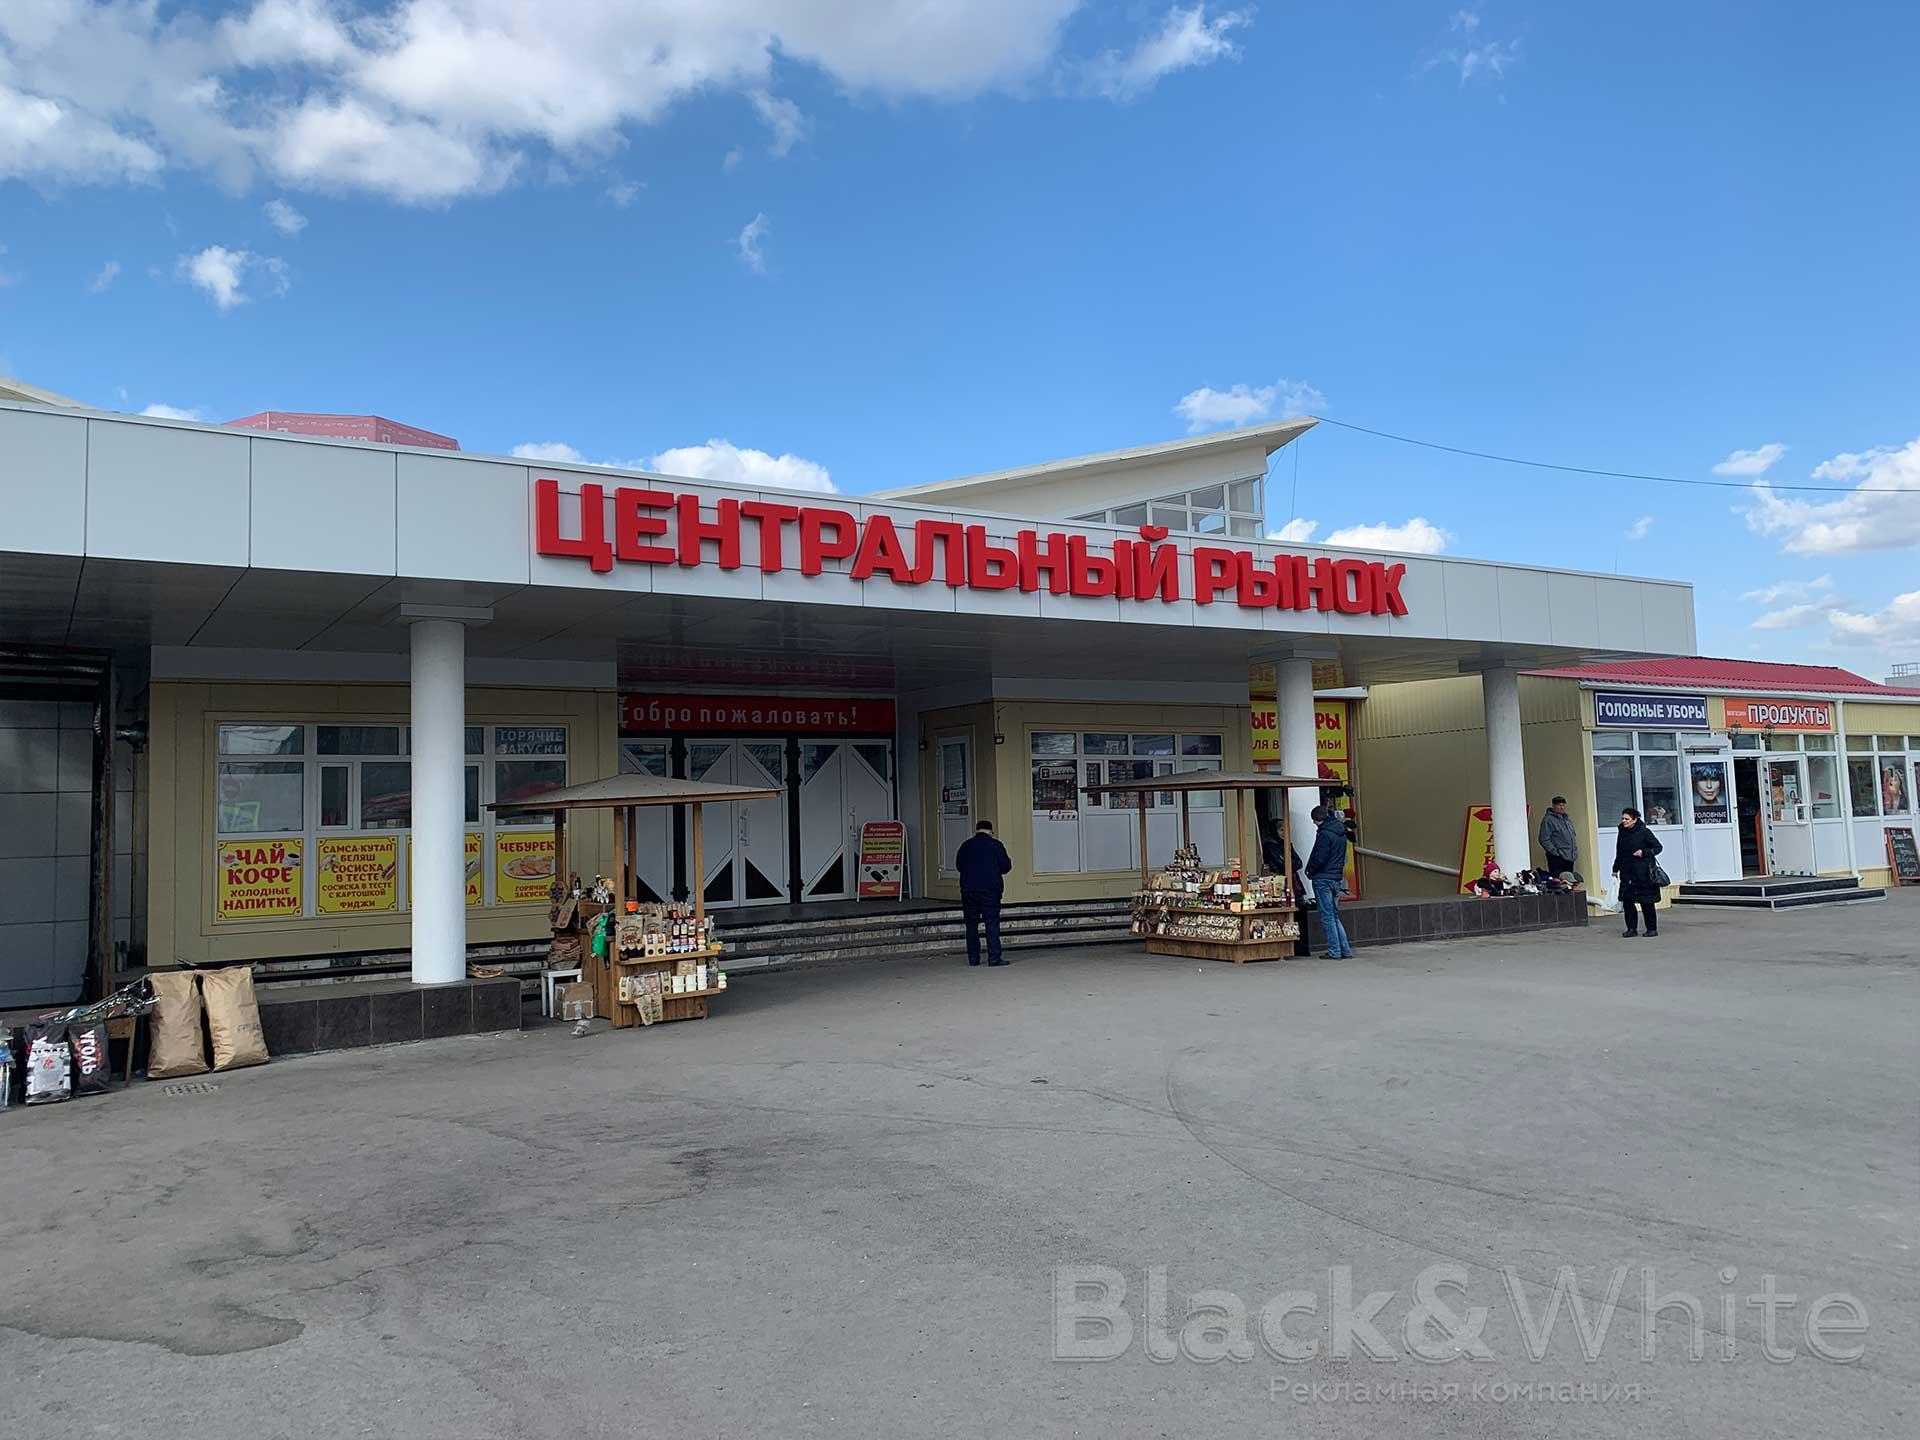 вывеска-для-центрального-рынка-со-световыми-объёмными-буквами-на-металлокаркасе-в-Красноярске...jpg